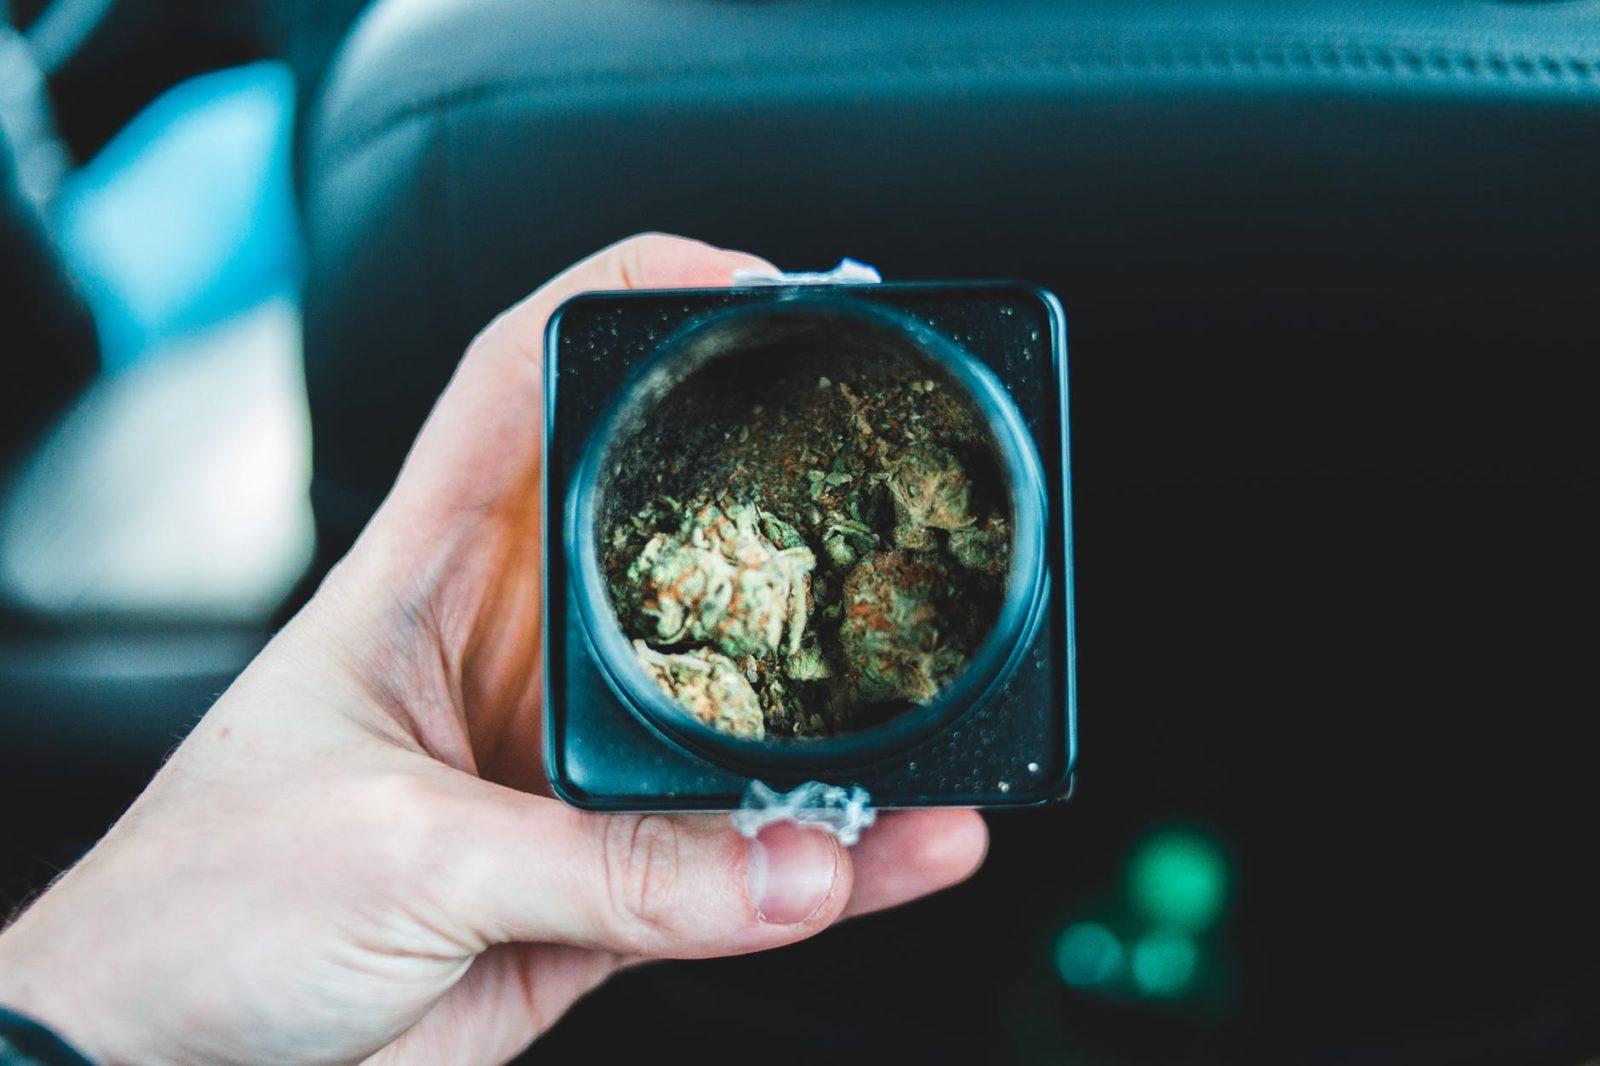 Maryland Cannabis Legalization